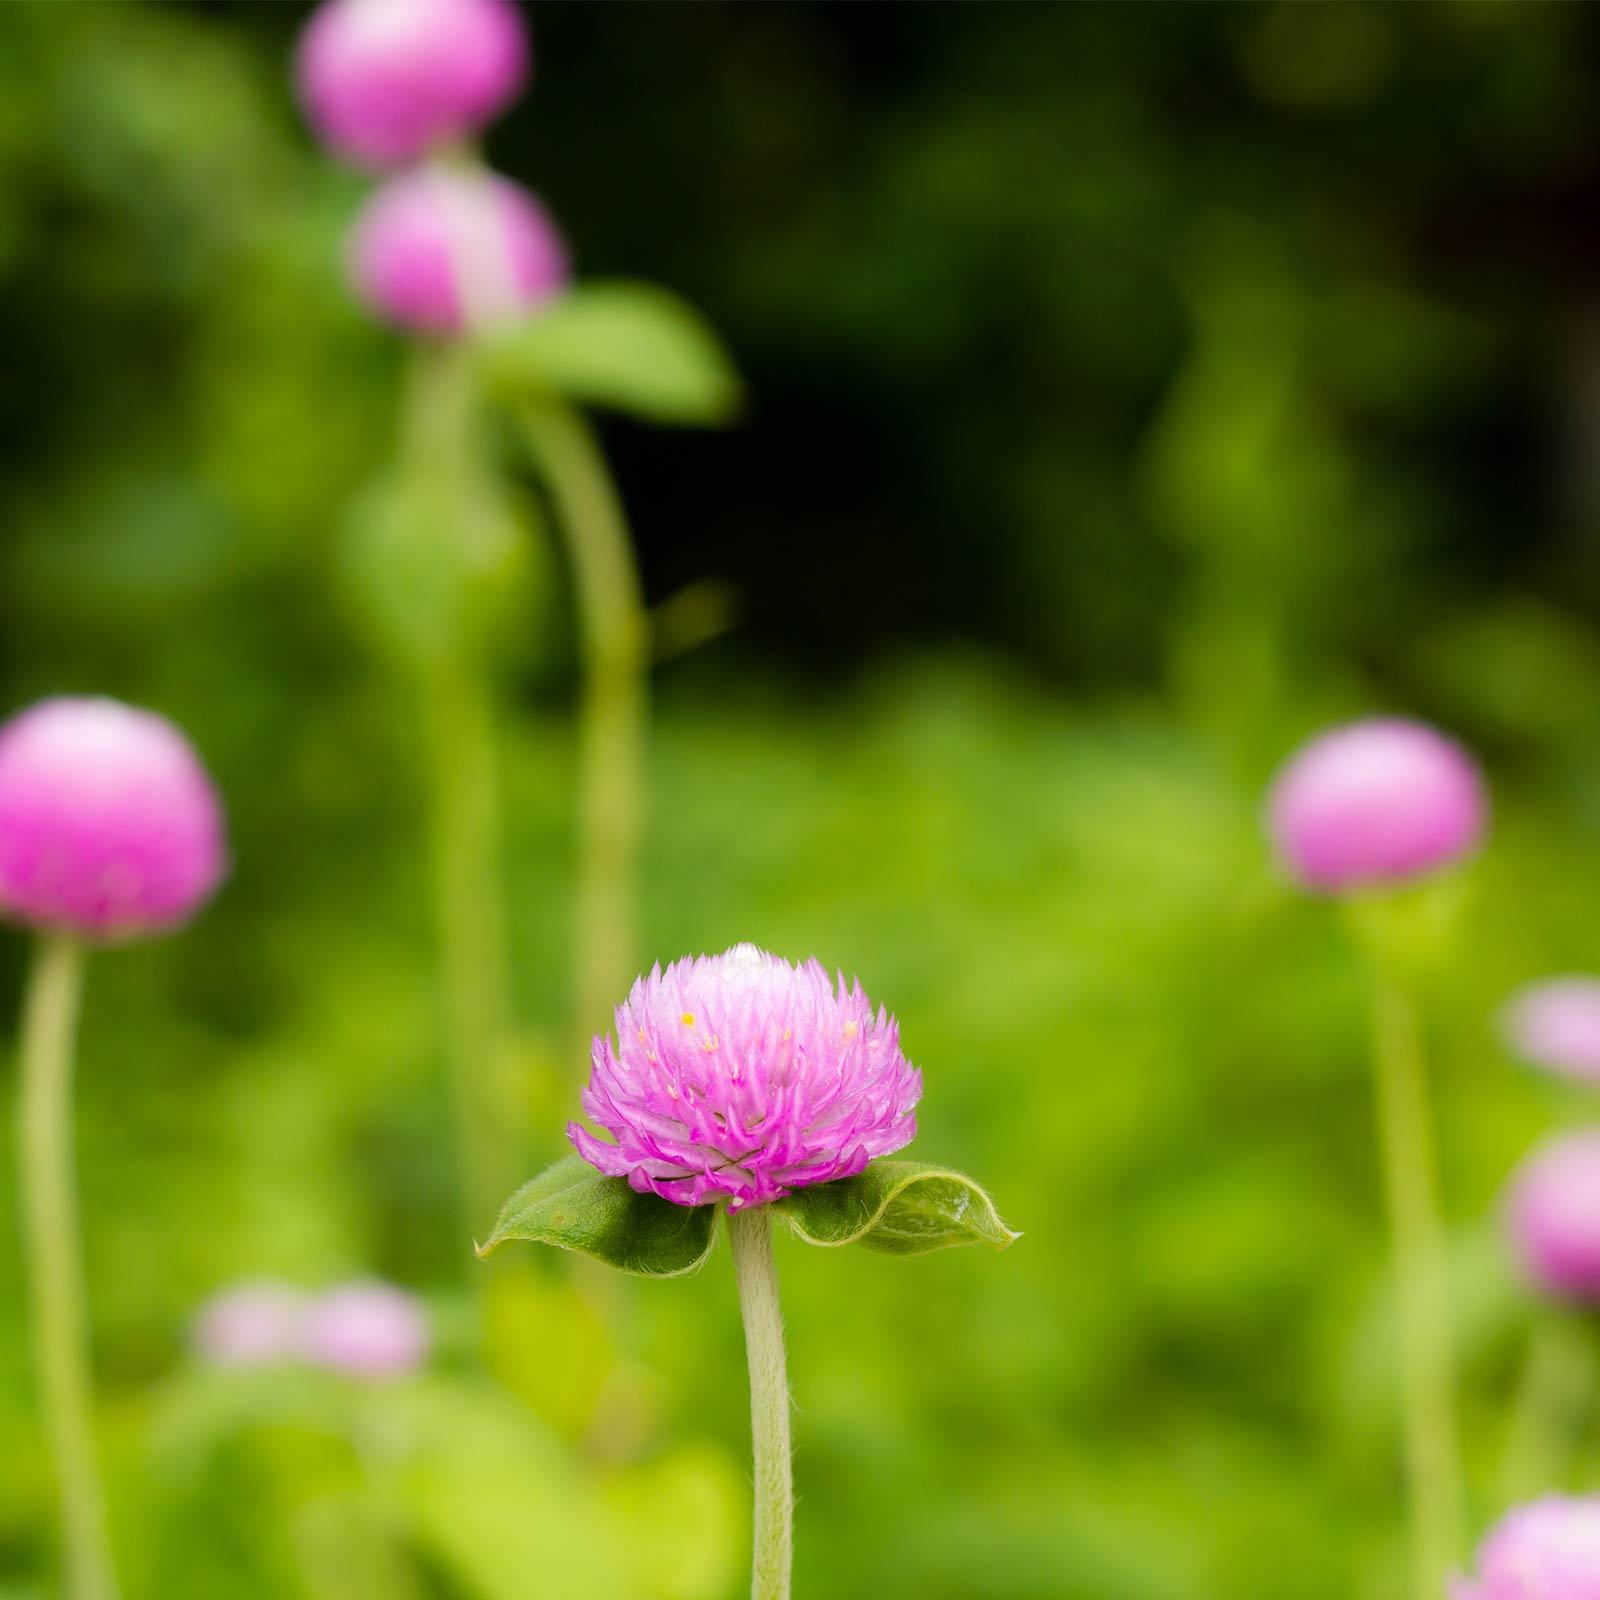 Gnome Series Gomphrena Flower Garden Seeds - Mix - 1000 Seeds - Annual Flower Gardening Seeds - Gomphrena globosa